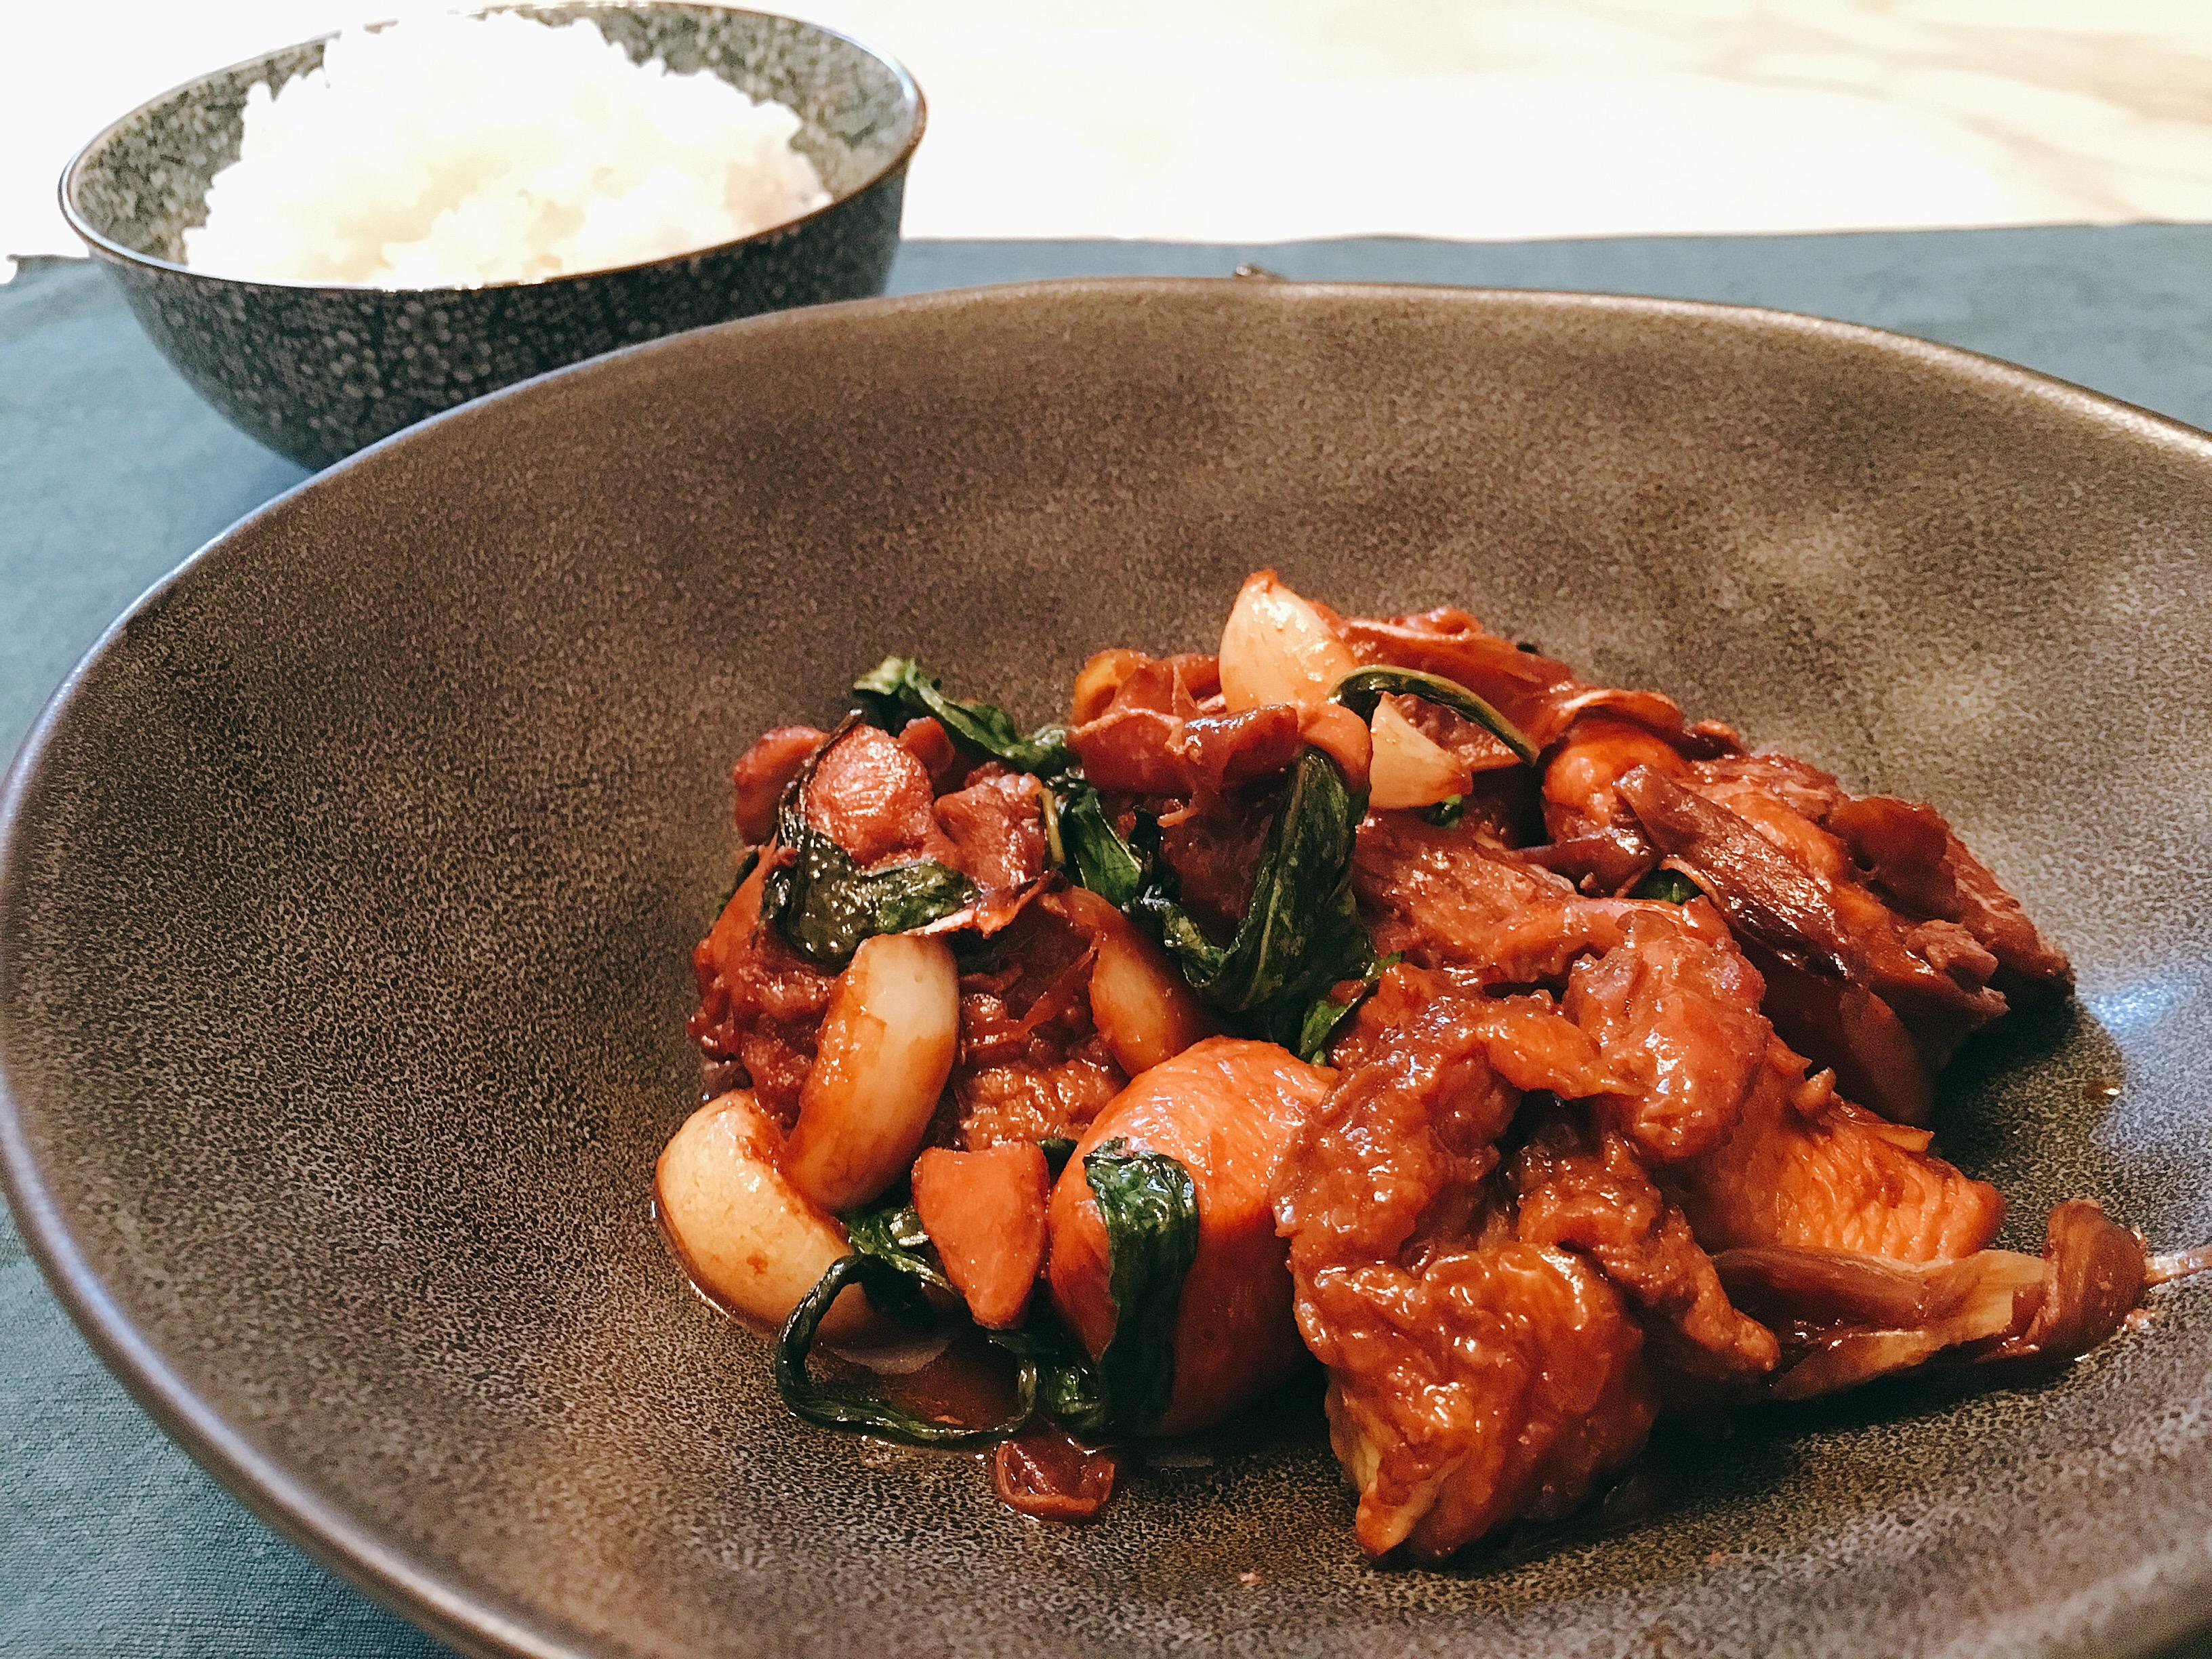 San Bei Ji (poulet aux 3 verres) 三杯雞